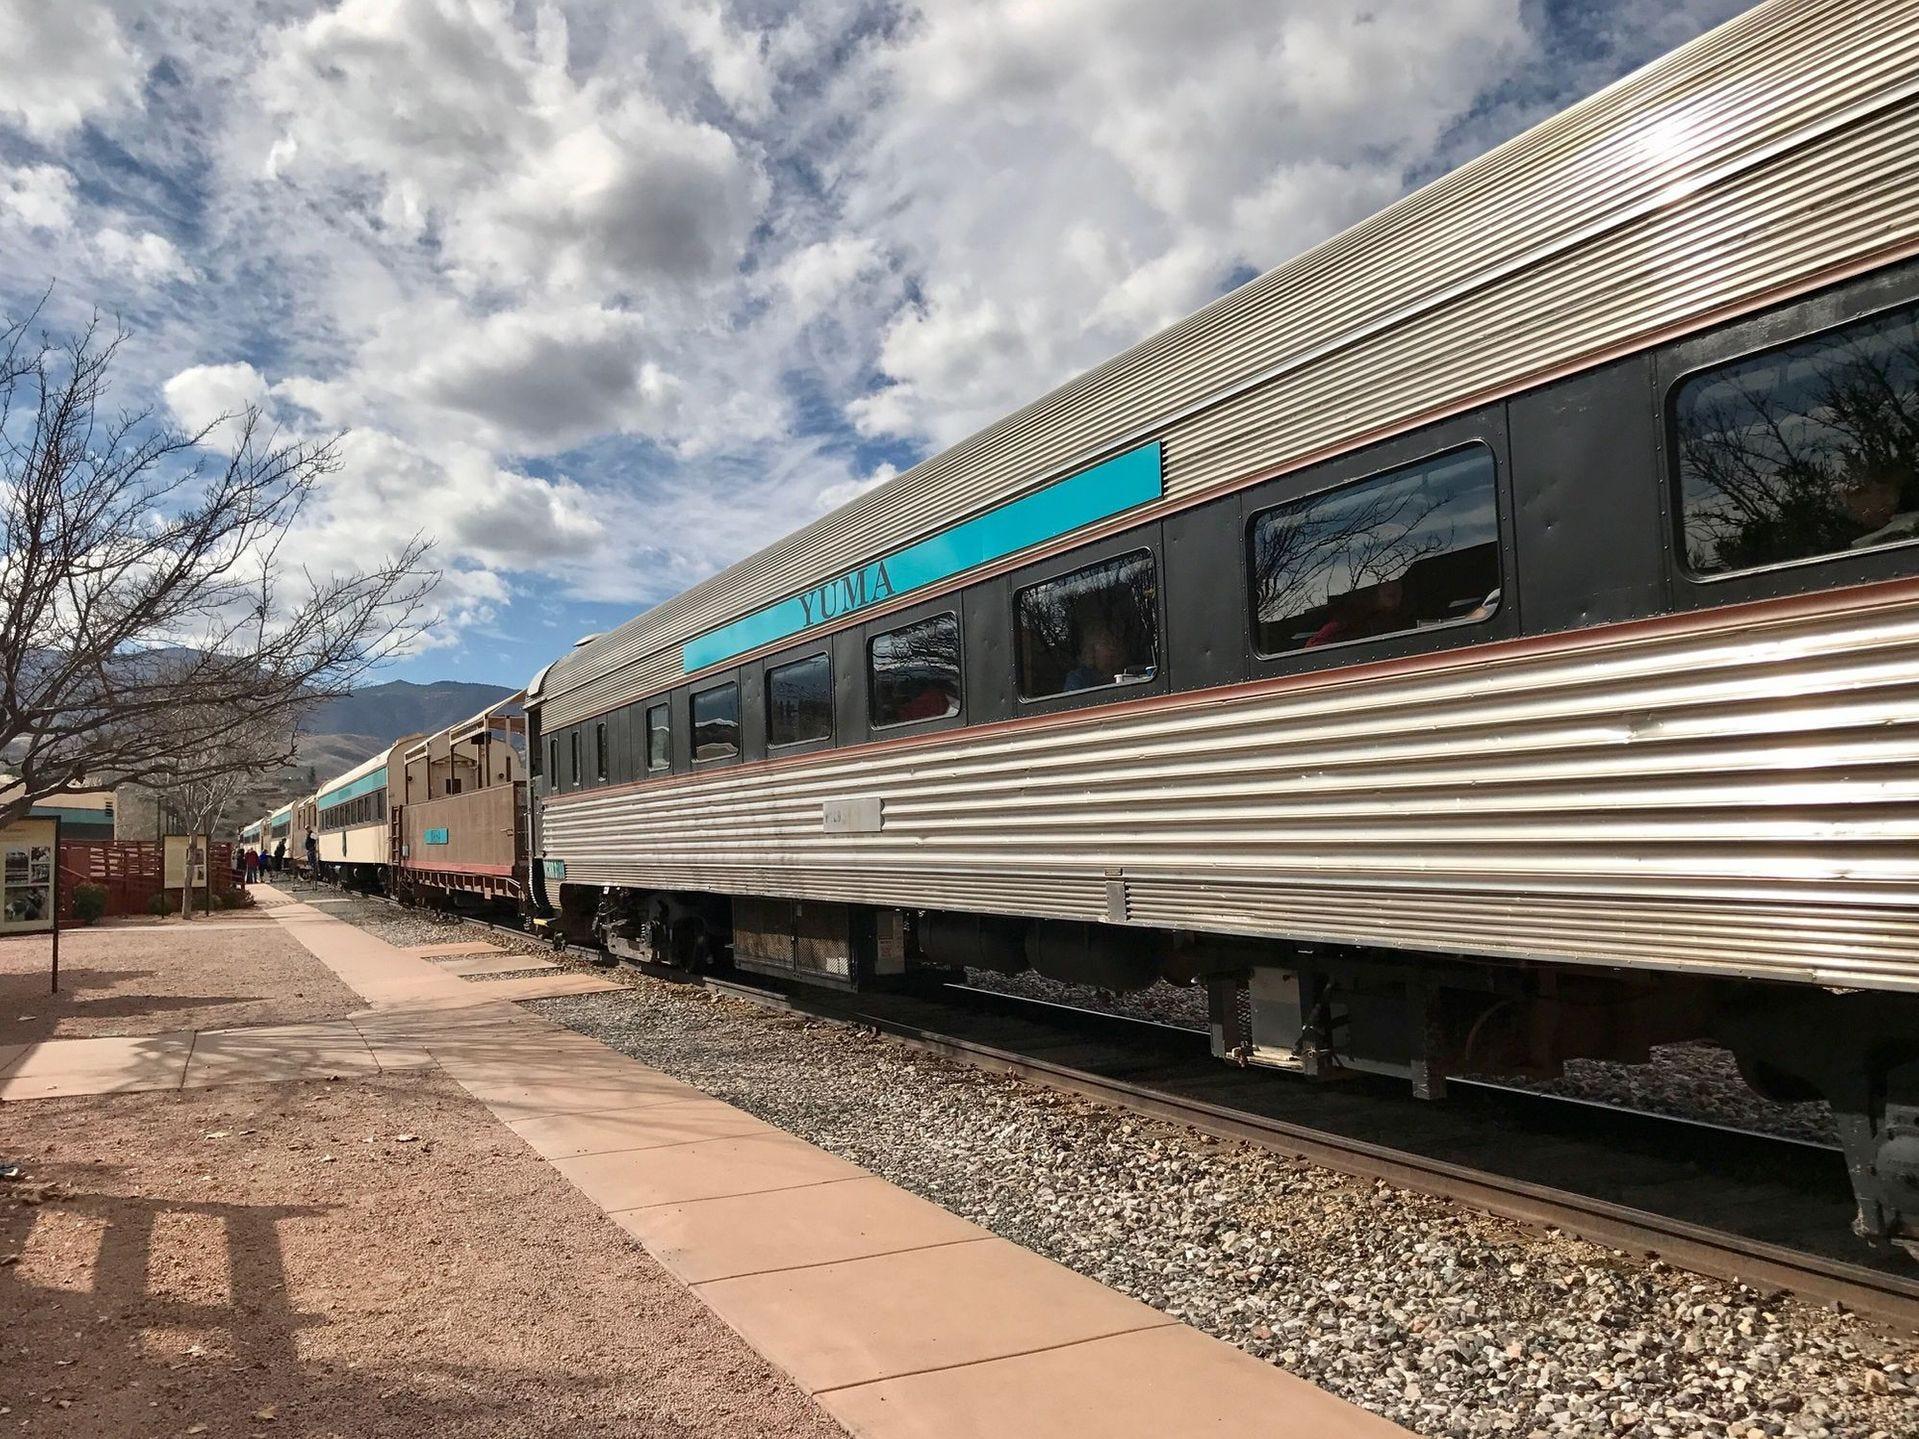 El ferrocarril de Verde Canyon tiene autocares y coches de primera clase.